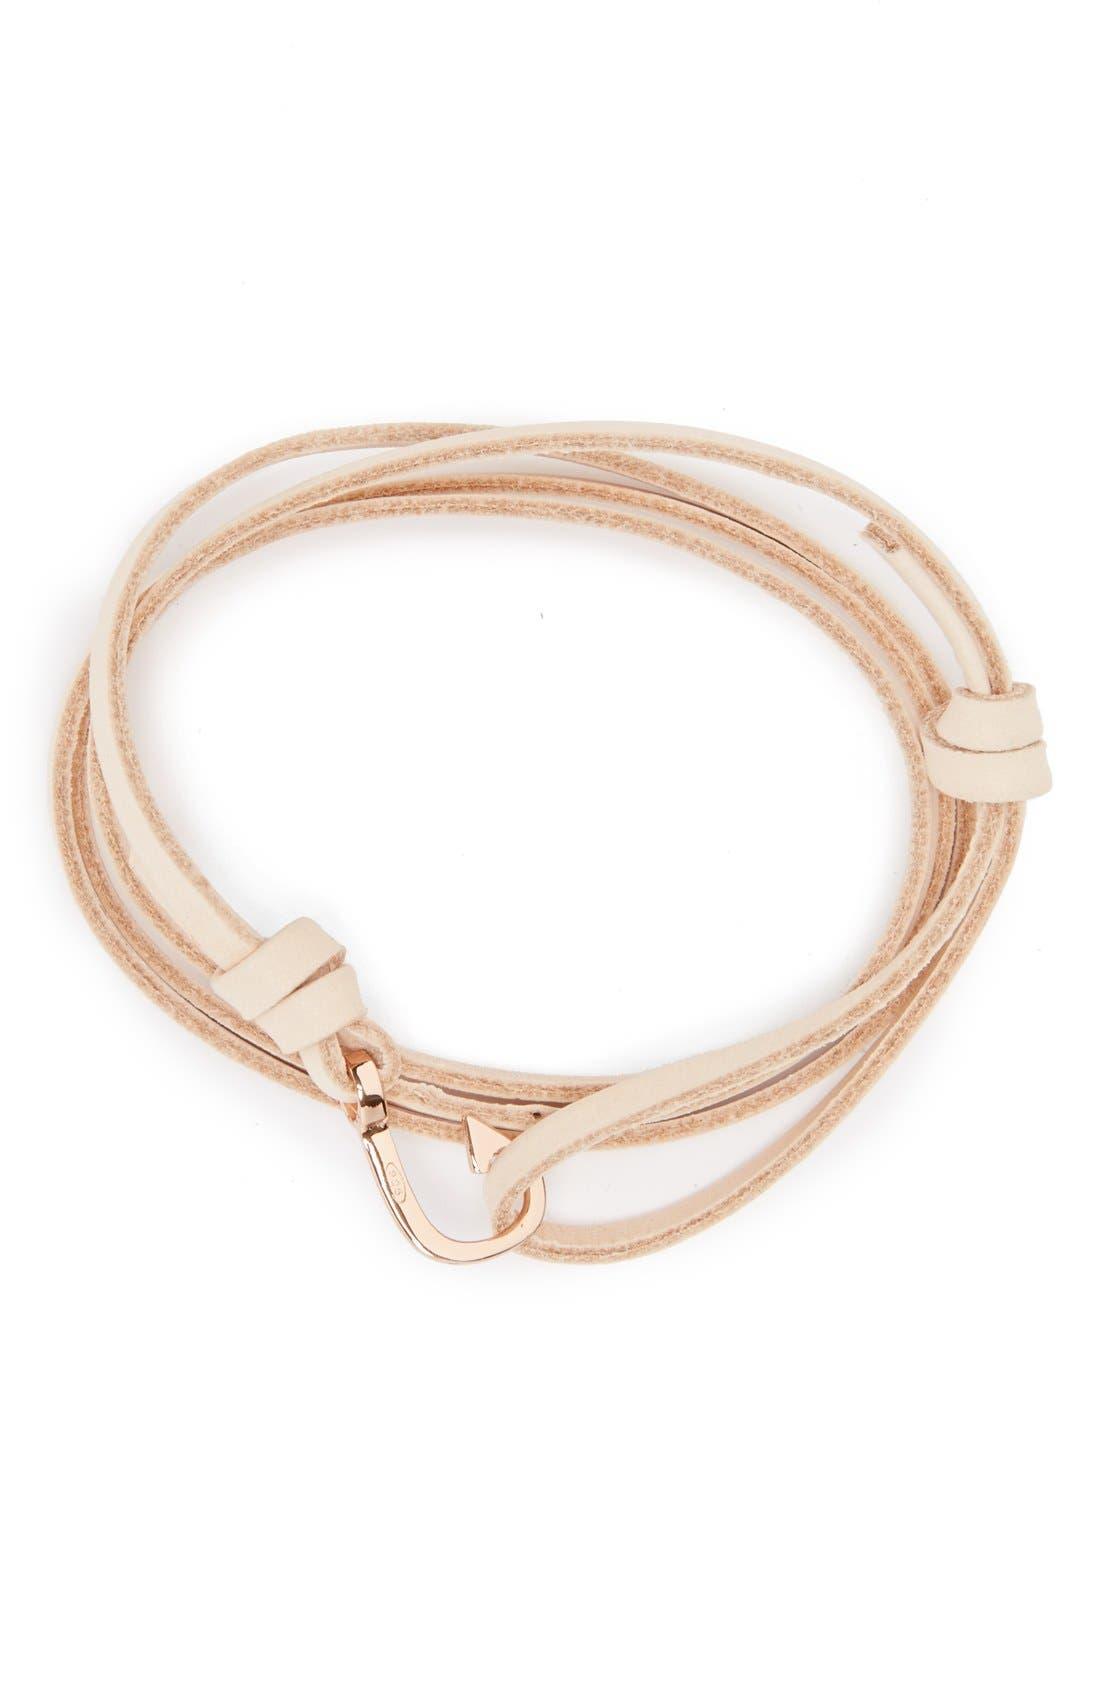 Rose Gold Mini Hook Leather Bracelet,                         Main,                         color, Natural